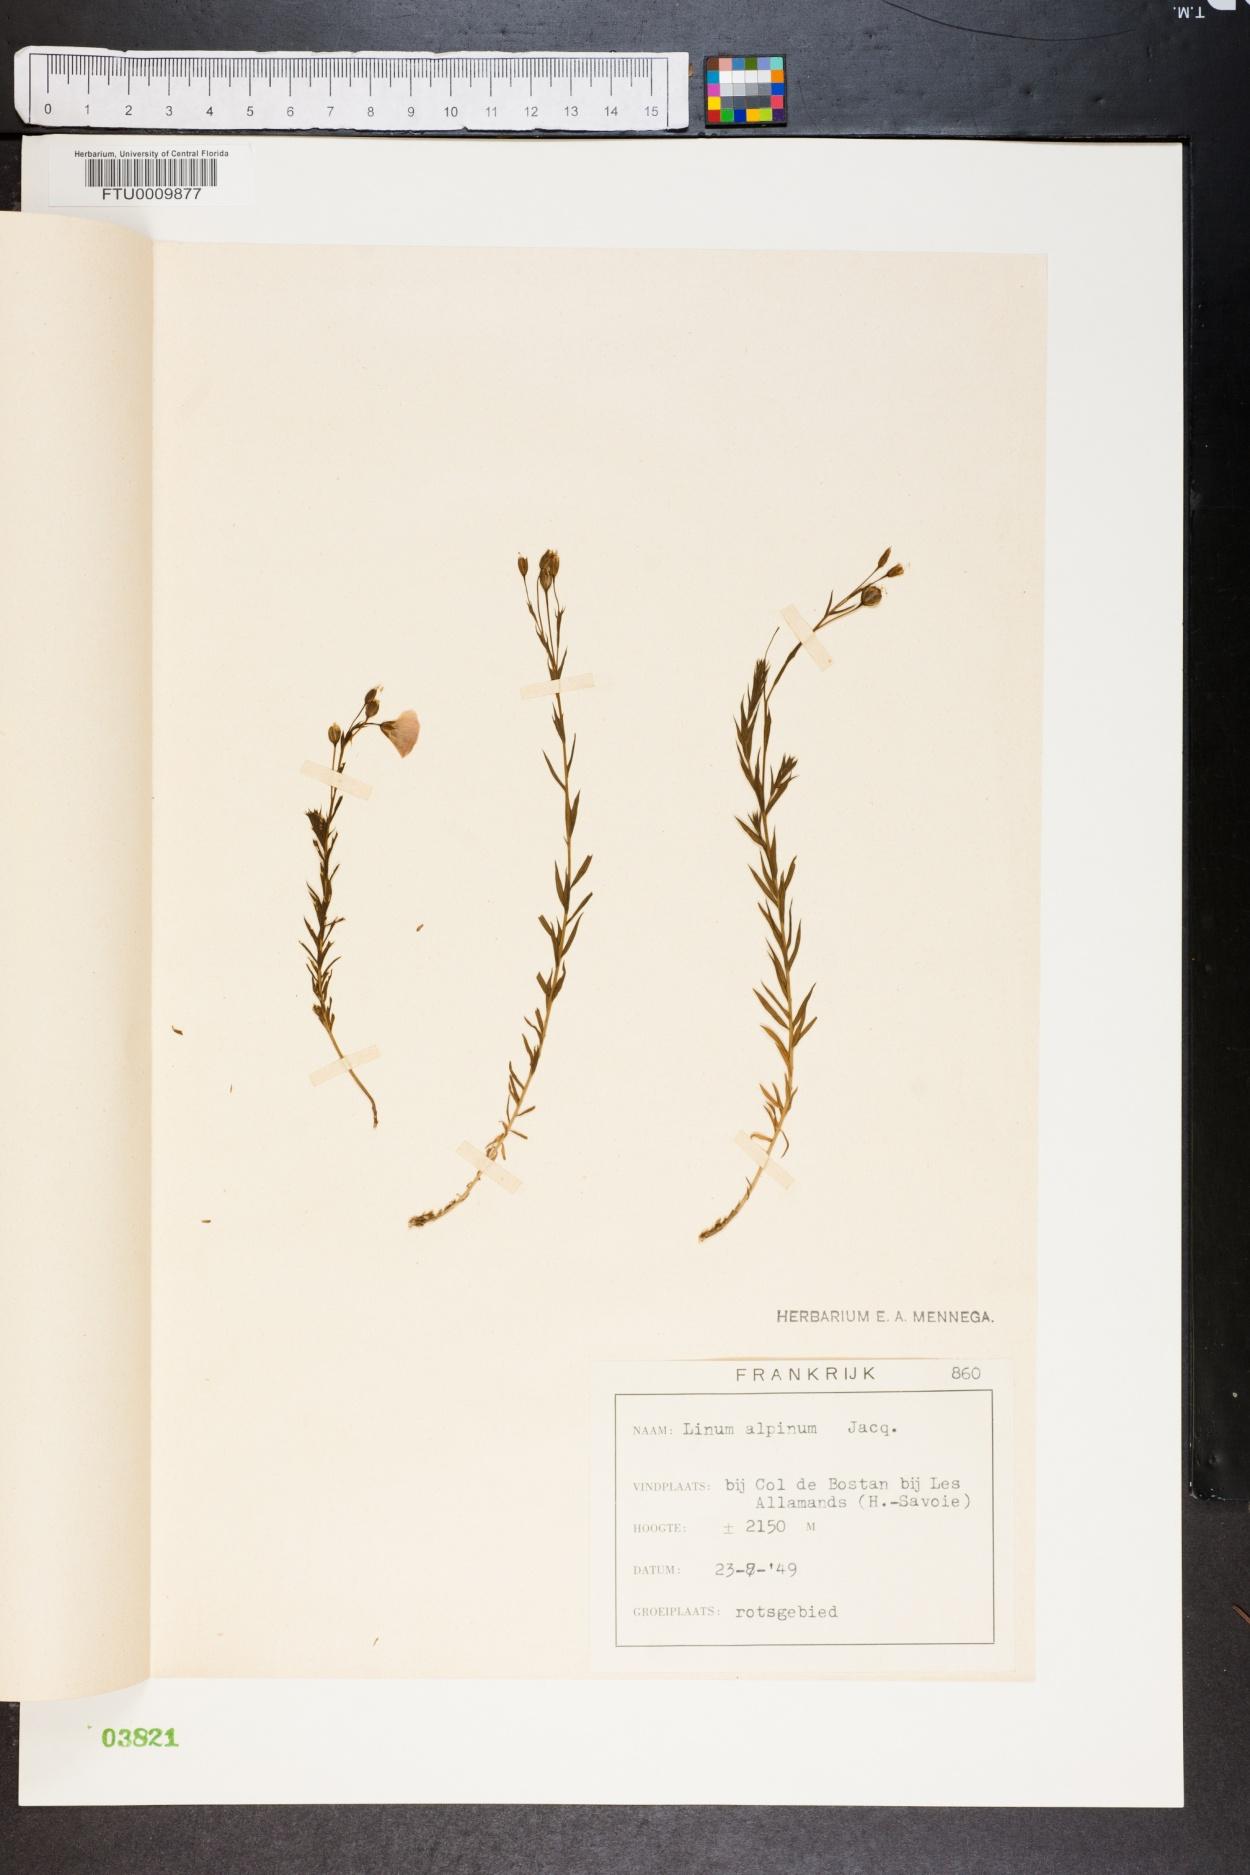 Linum alpinum image